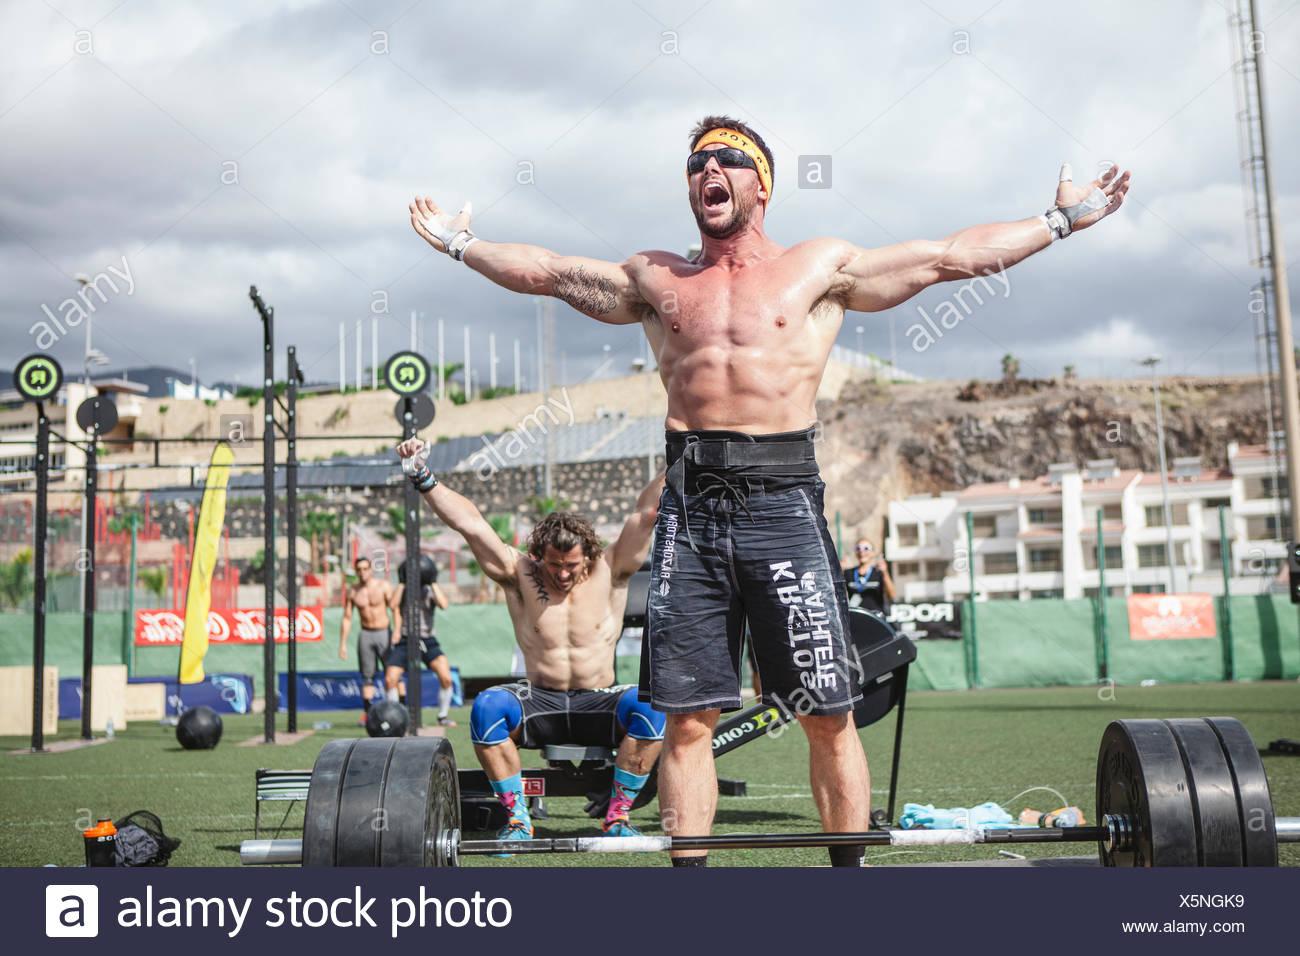 Les athlètes de l'équipe d'haltérophilie musclé torse nu en criant de joie après avoir remporté la compétition, tenerife, Îles Canaries, Espagne Photo Stock